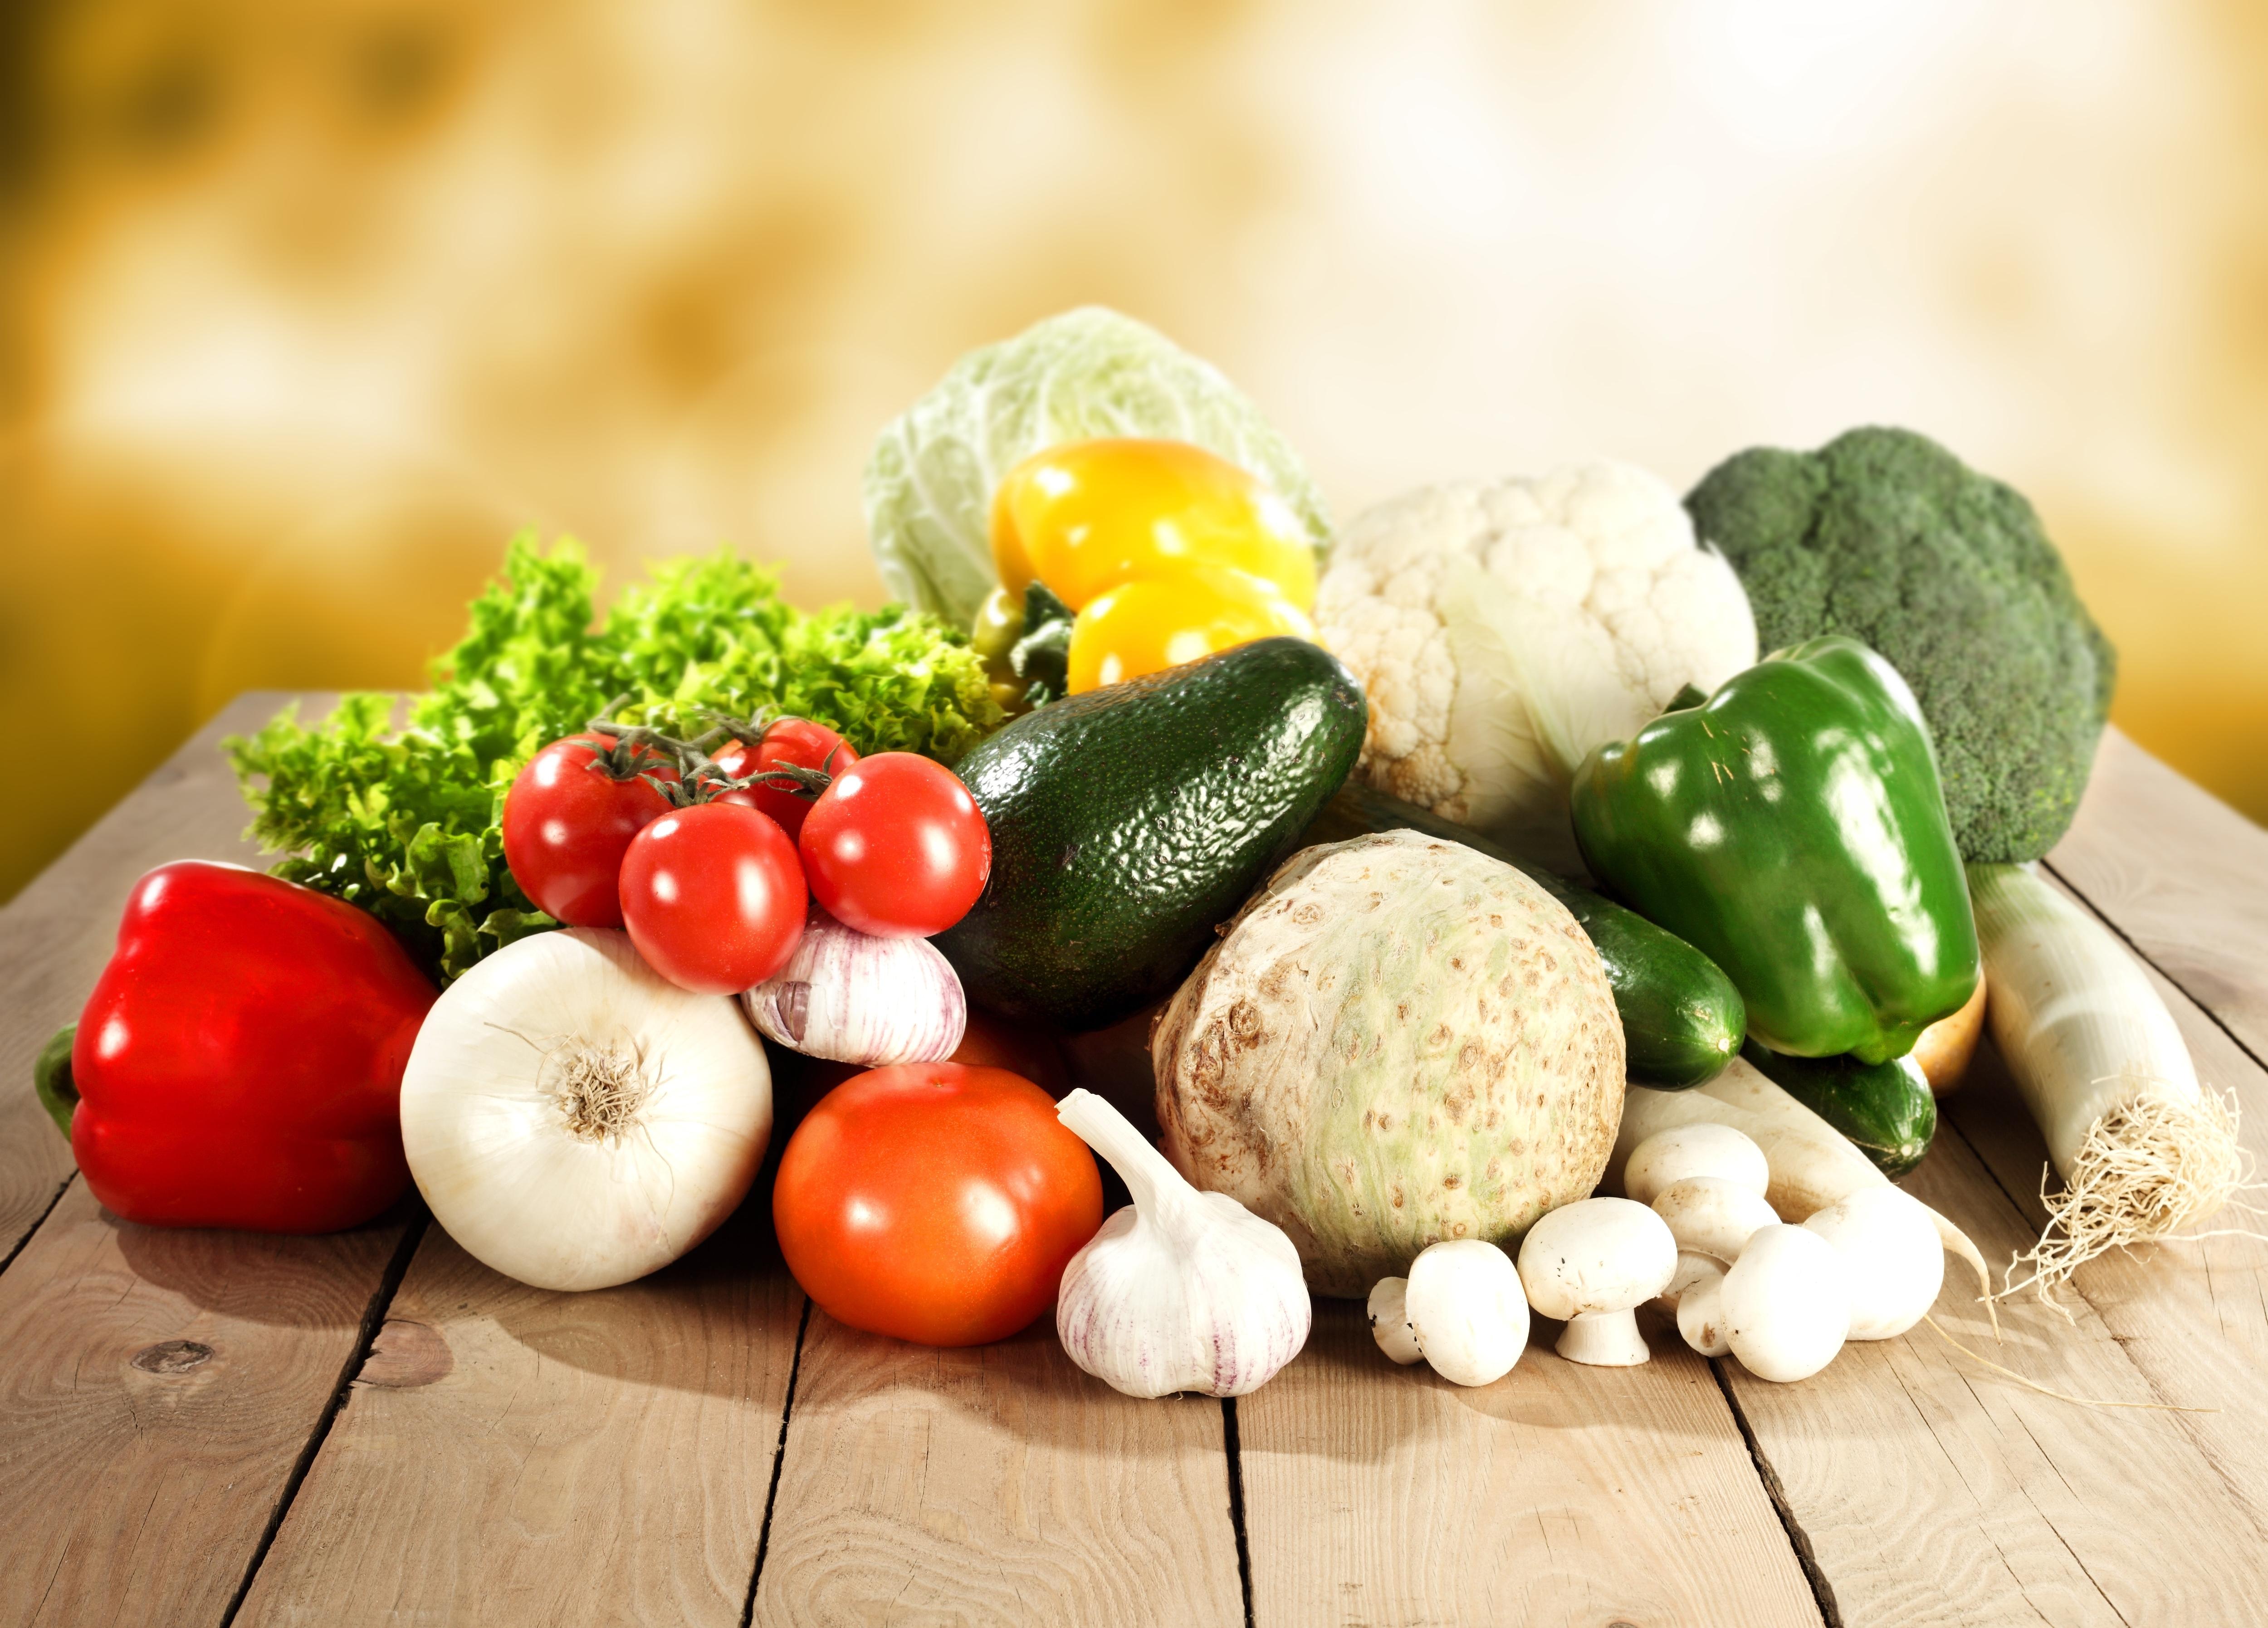 овощи грибы фрукты без смс